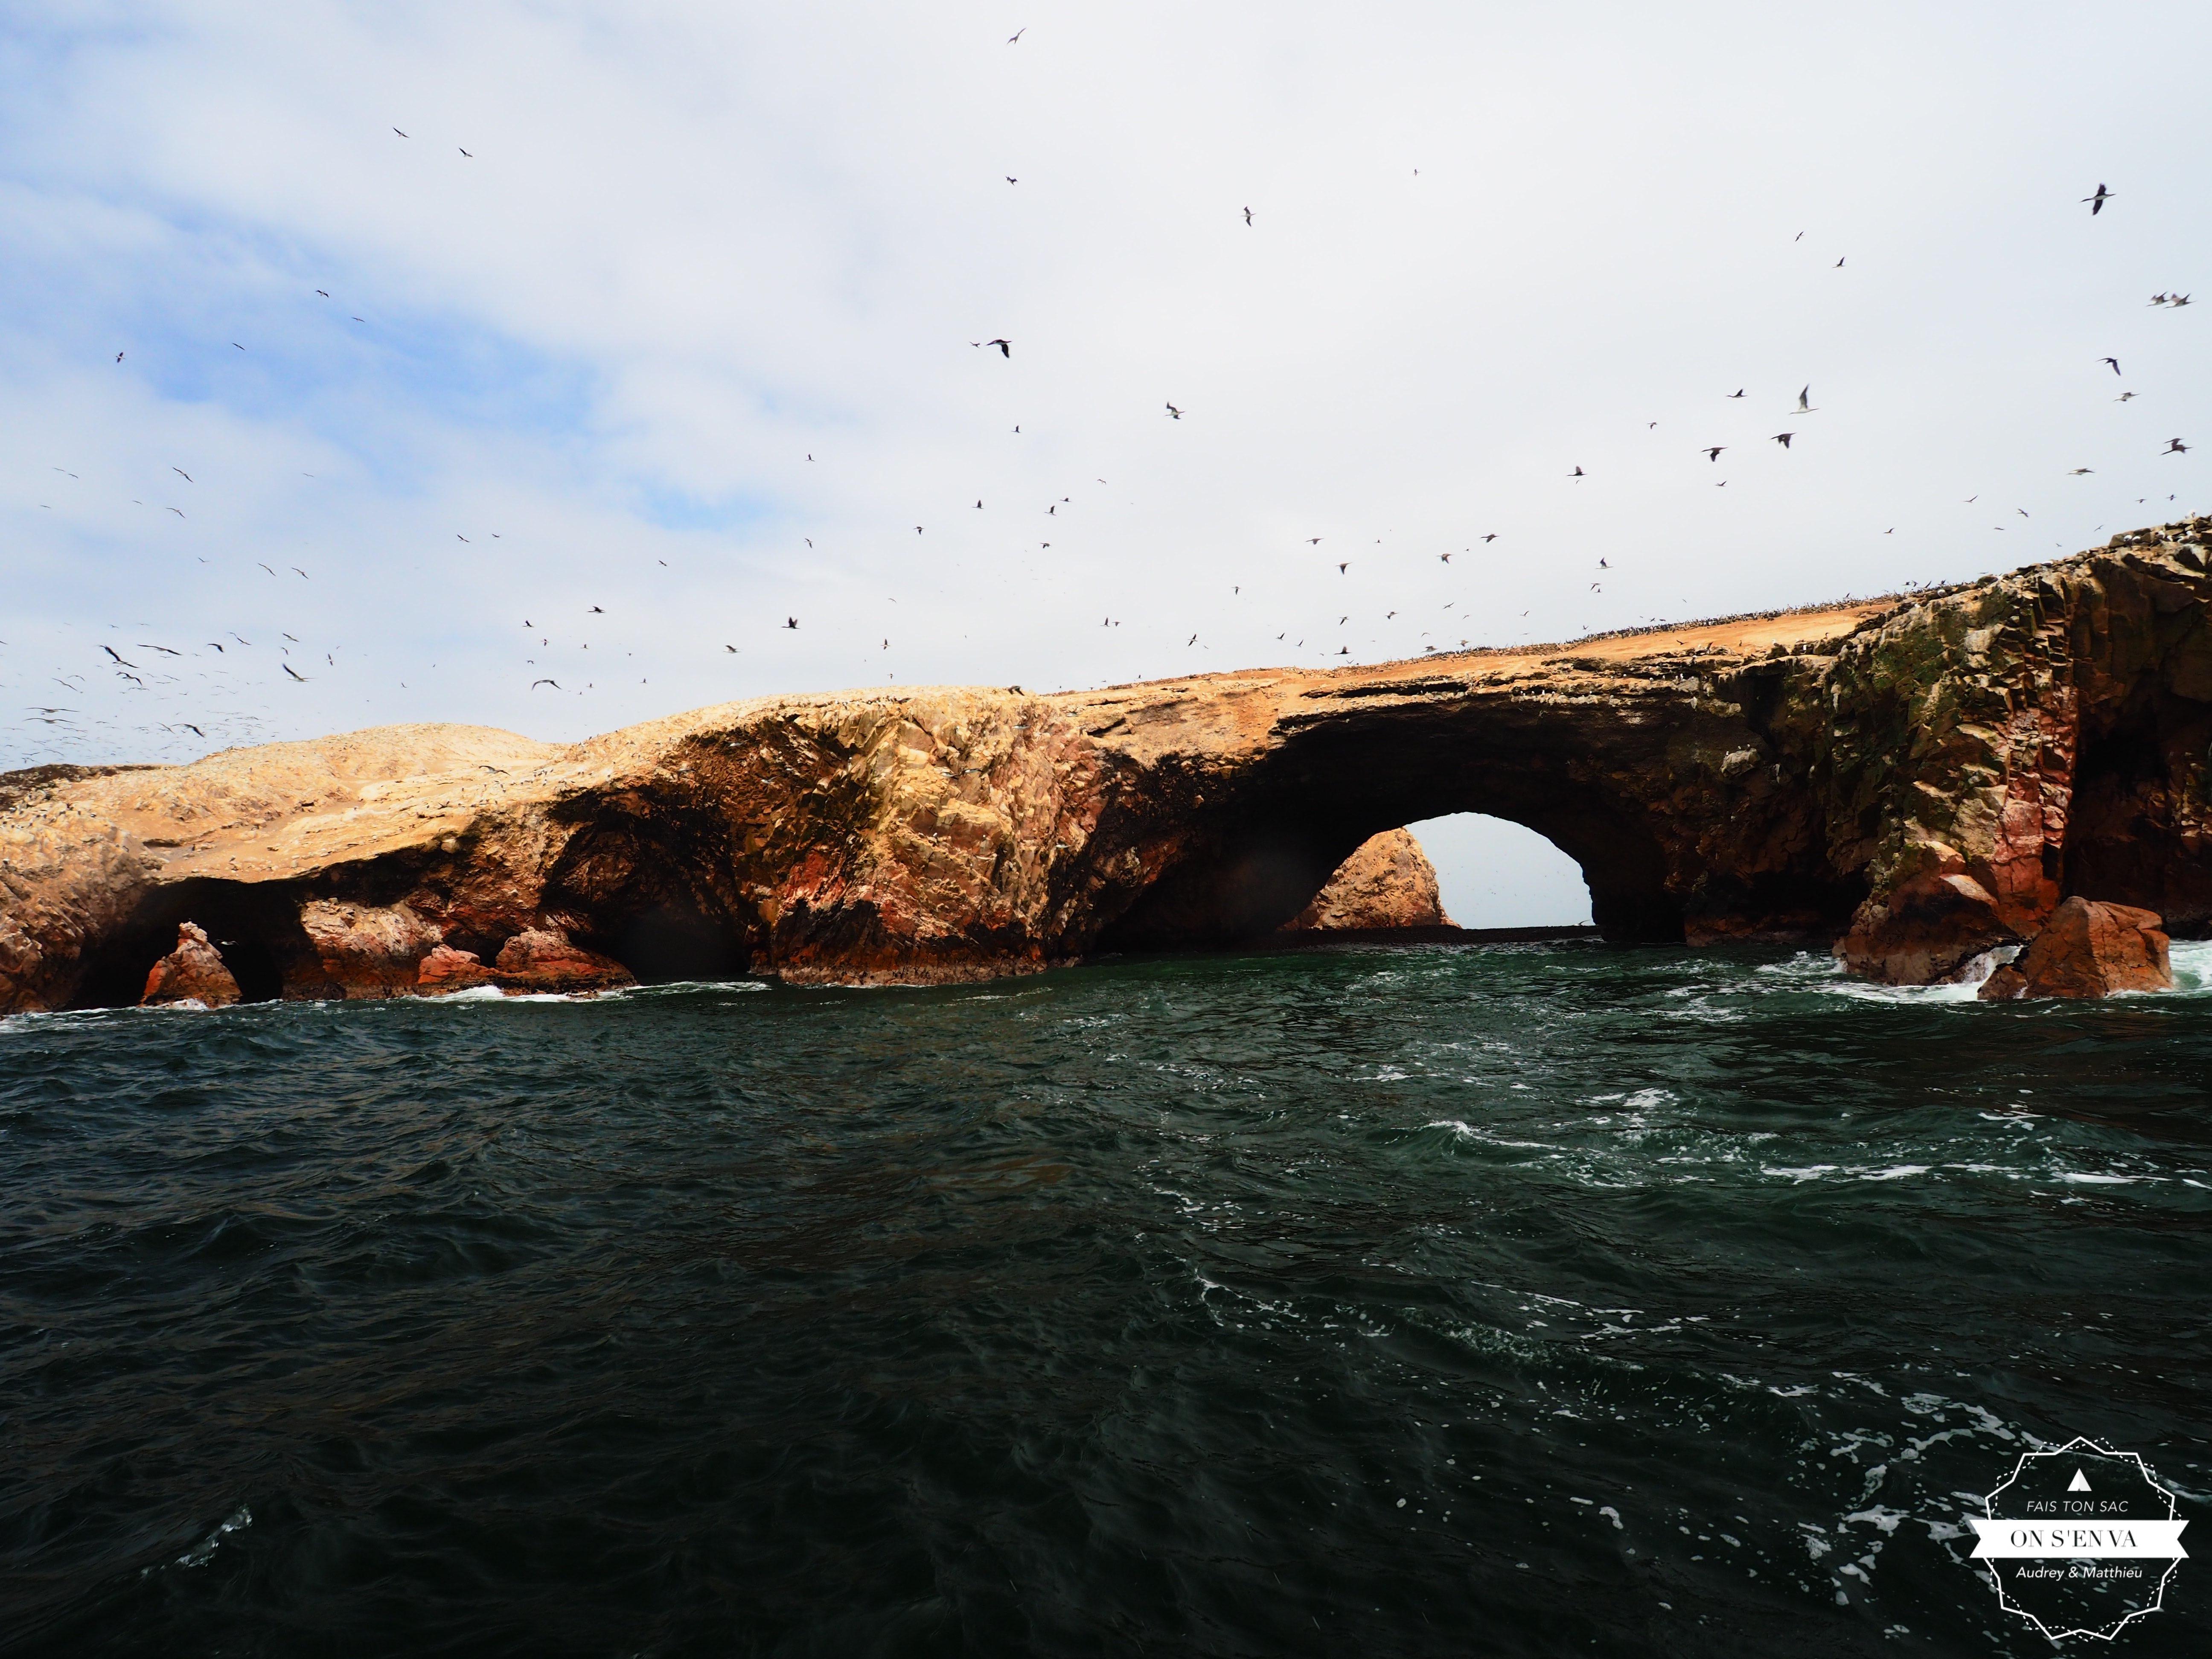 Les Islas Ballestas